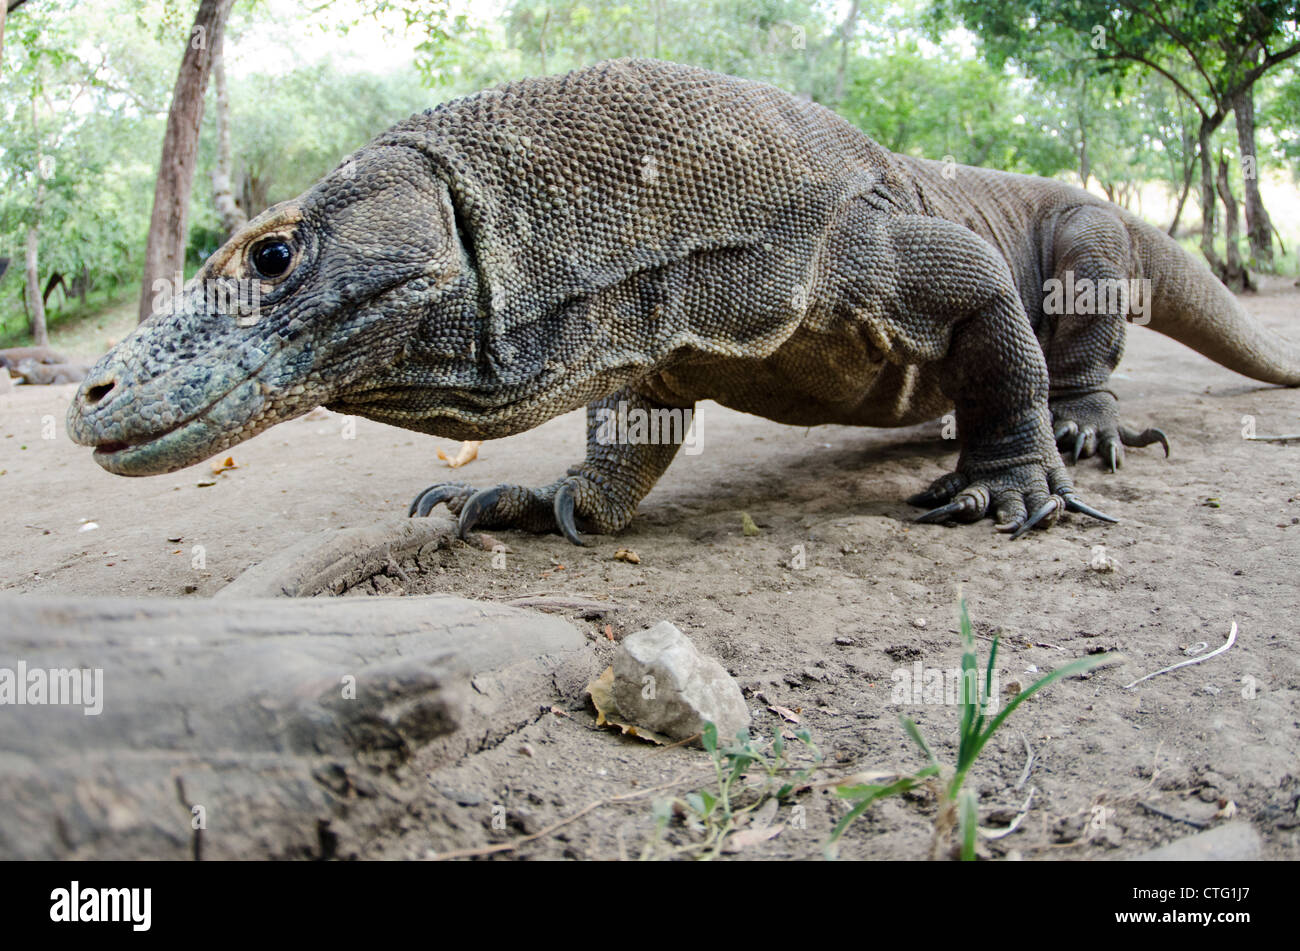 Komodo dragon, Rinca Island, Komodo national park, Indonesia - Stock Image